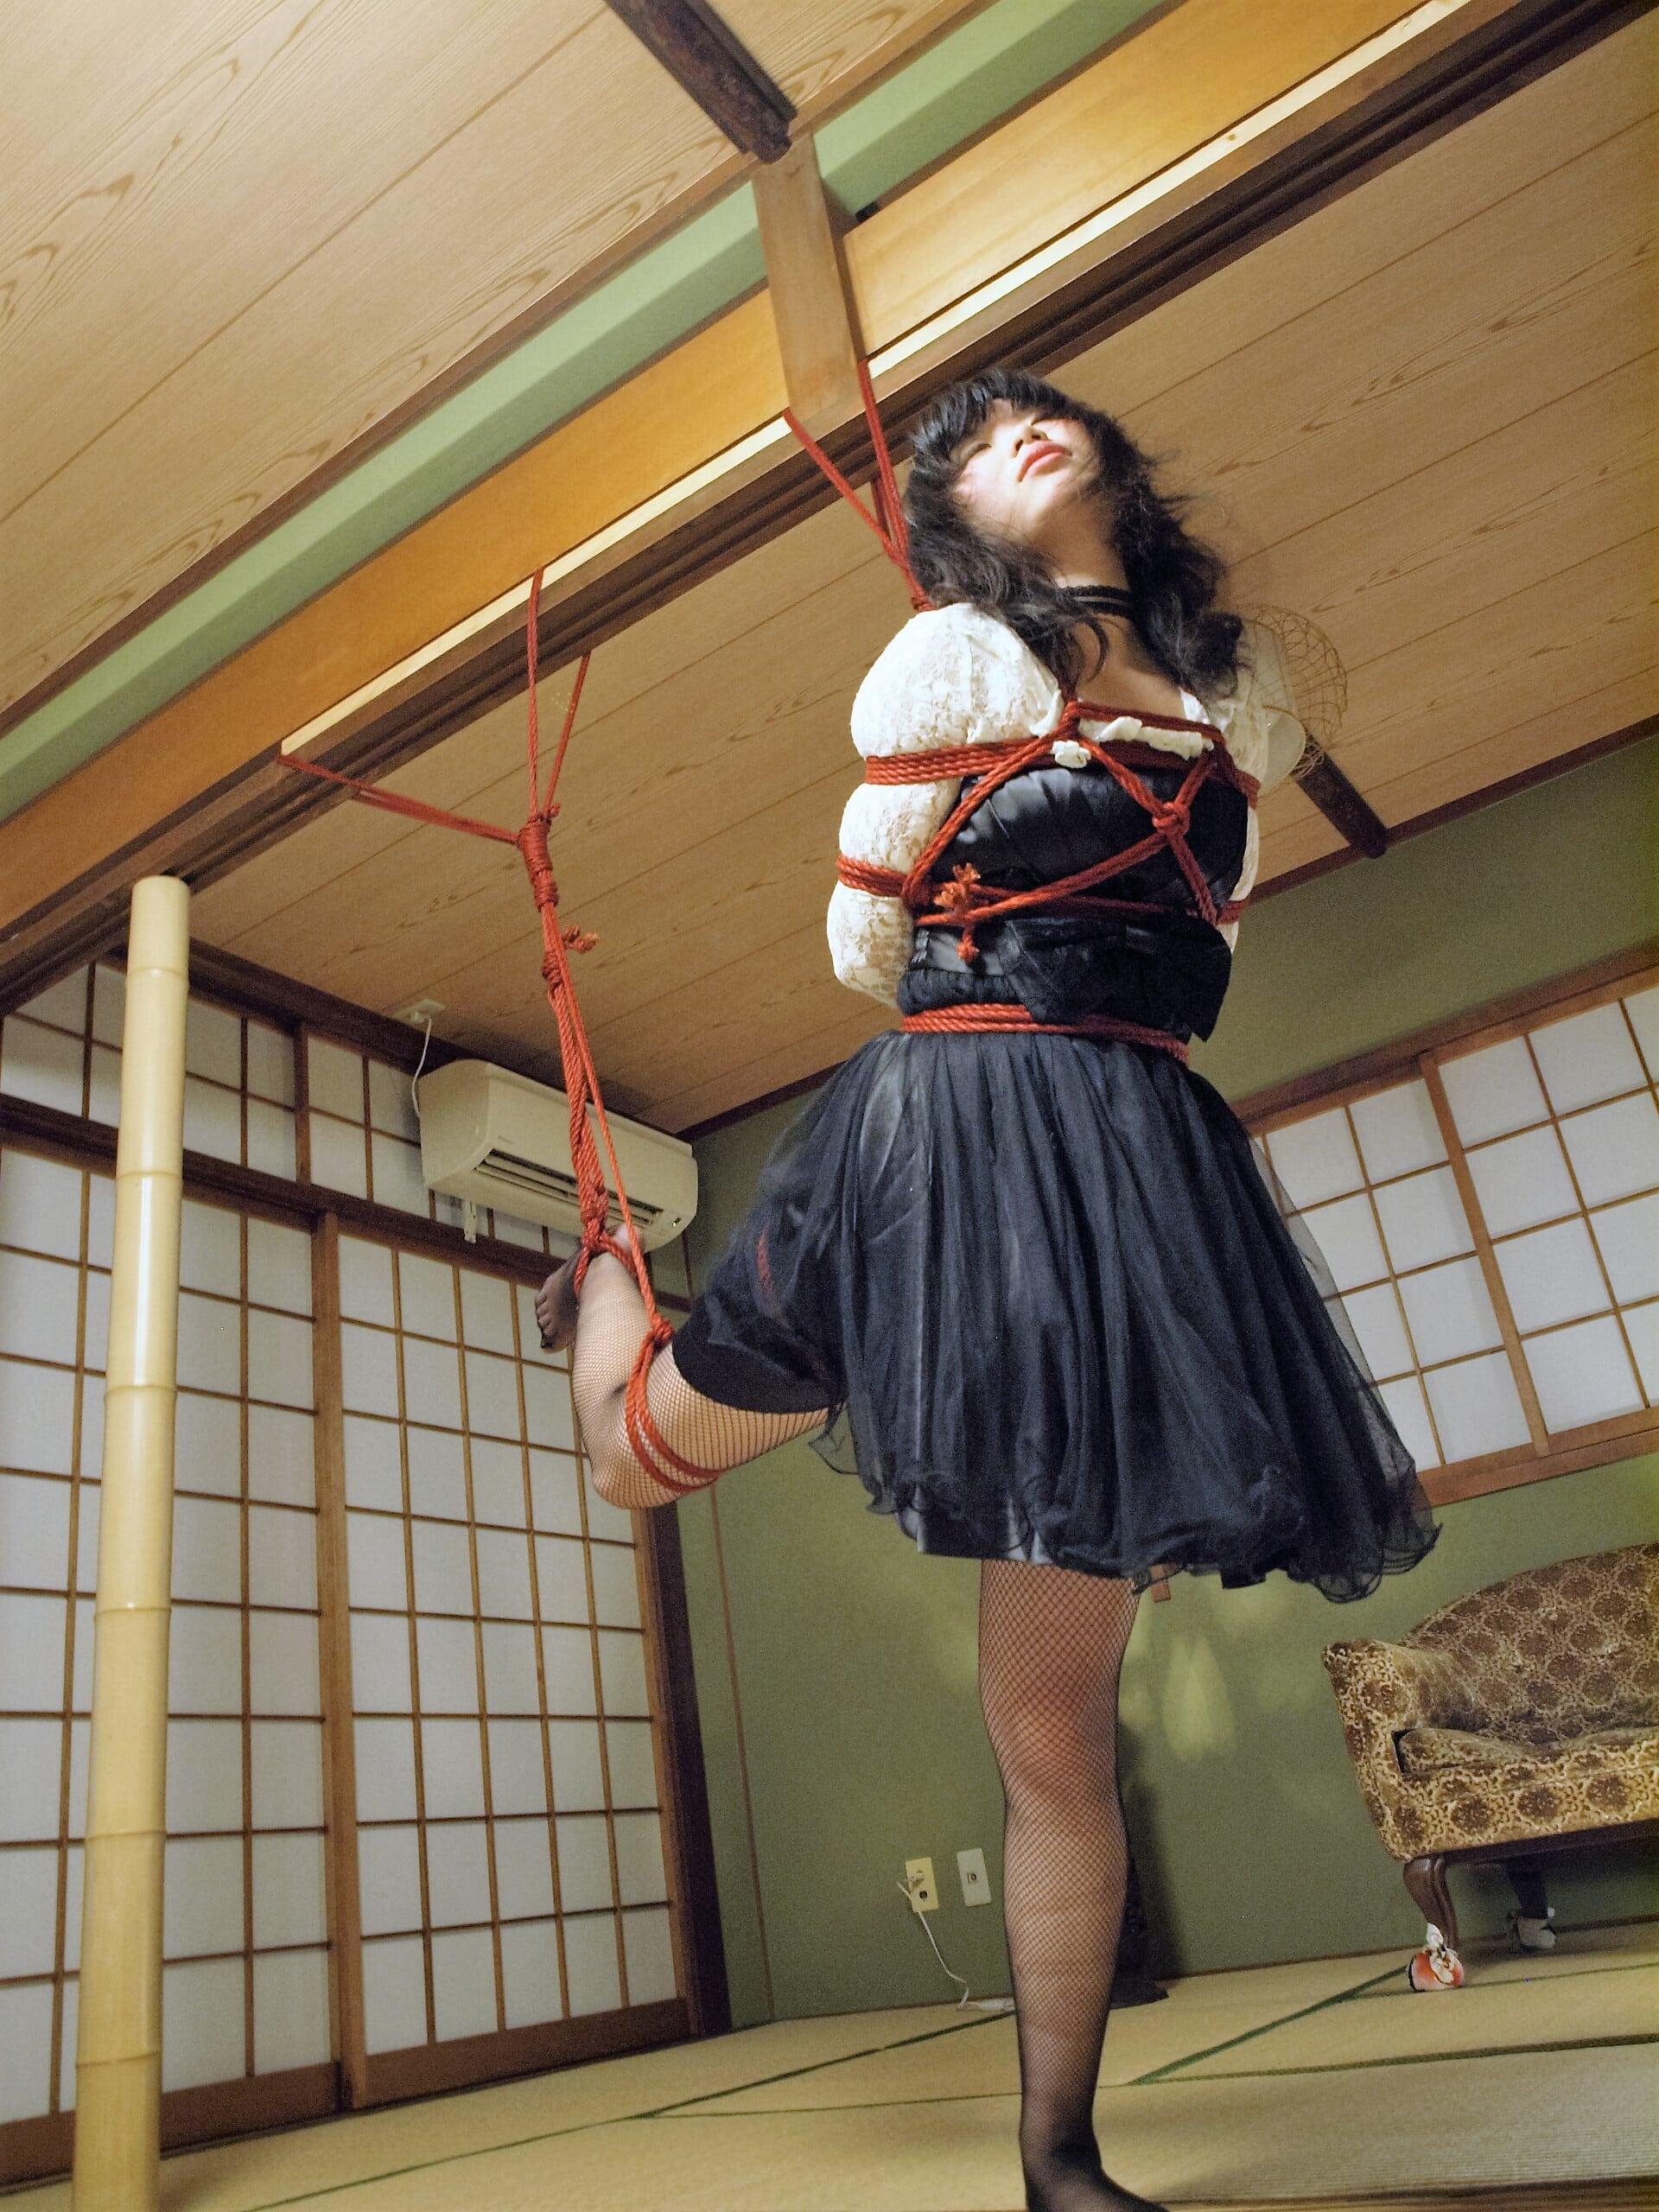 SHIBARI GIRLS X'masコレクション SHIBARI GIRLSXmasコレクション4/22SHIBARI GIRLS撮影会喜多×SHIBARI GIRLS緊縛ライブ写真あなたの弱さは私の弱さでもある畳の上で。一瞬のもの2020.9.26(土)喜多征一緊縛Live @渋谷ソラハウス女性向けイベント五反田で開催!アルバイト受け手さん大、大、大募集!!東京!緊縛Liveモデル募集!!喜多征一緊縛Live開催です!@Jail OSAKA